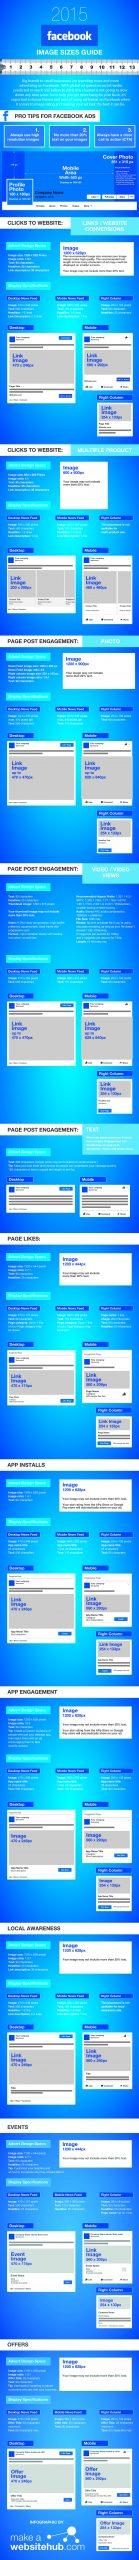 Ghidul dimensiunilor de poze pe Facebook